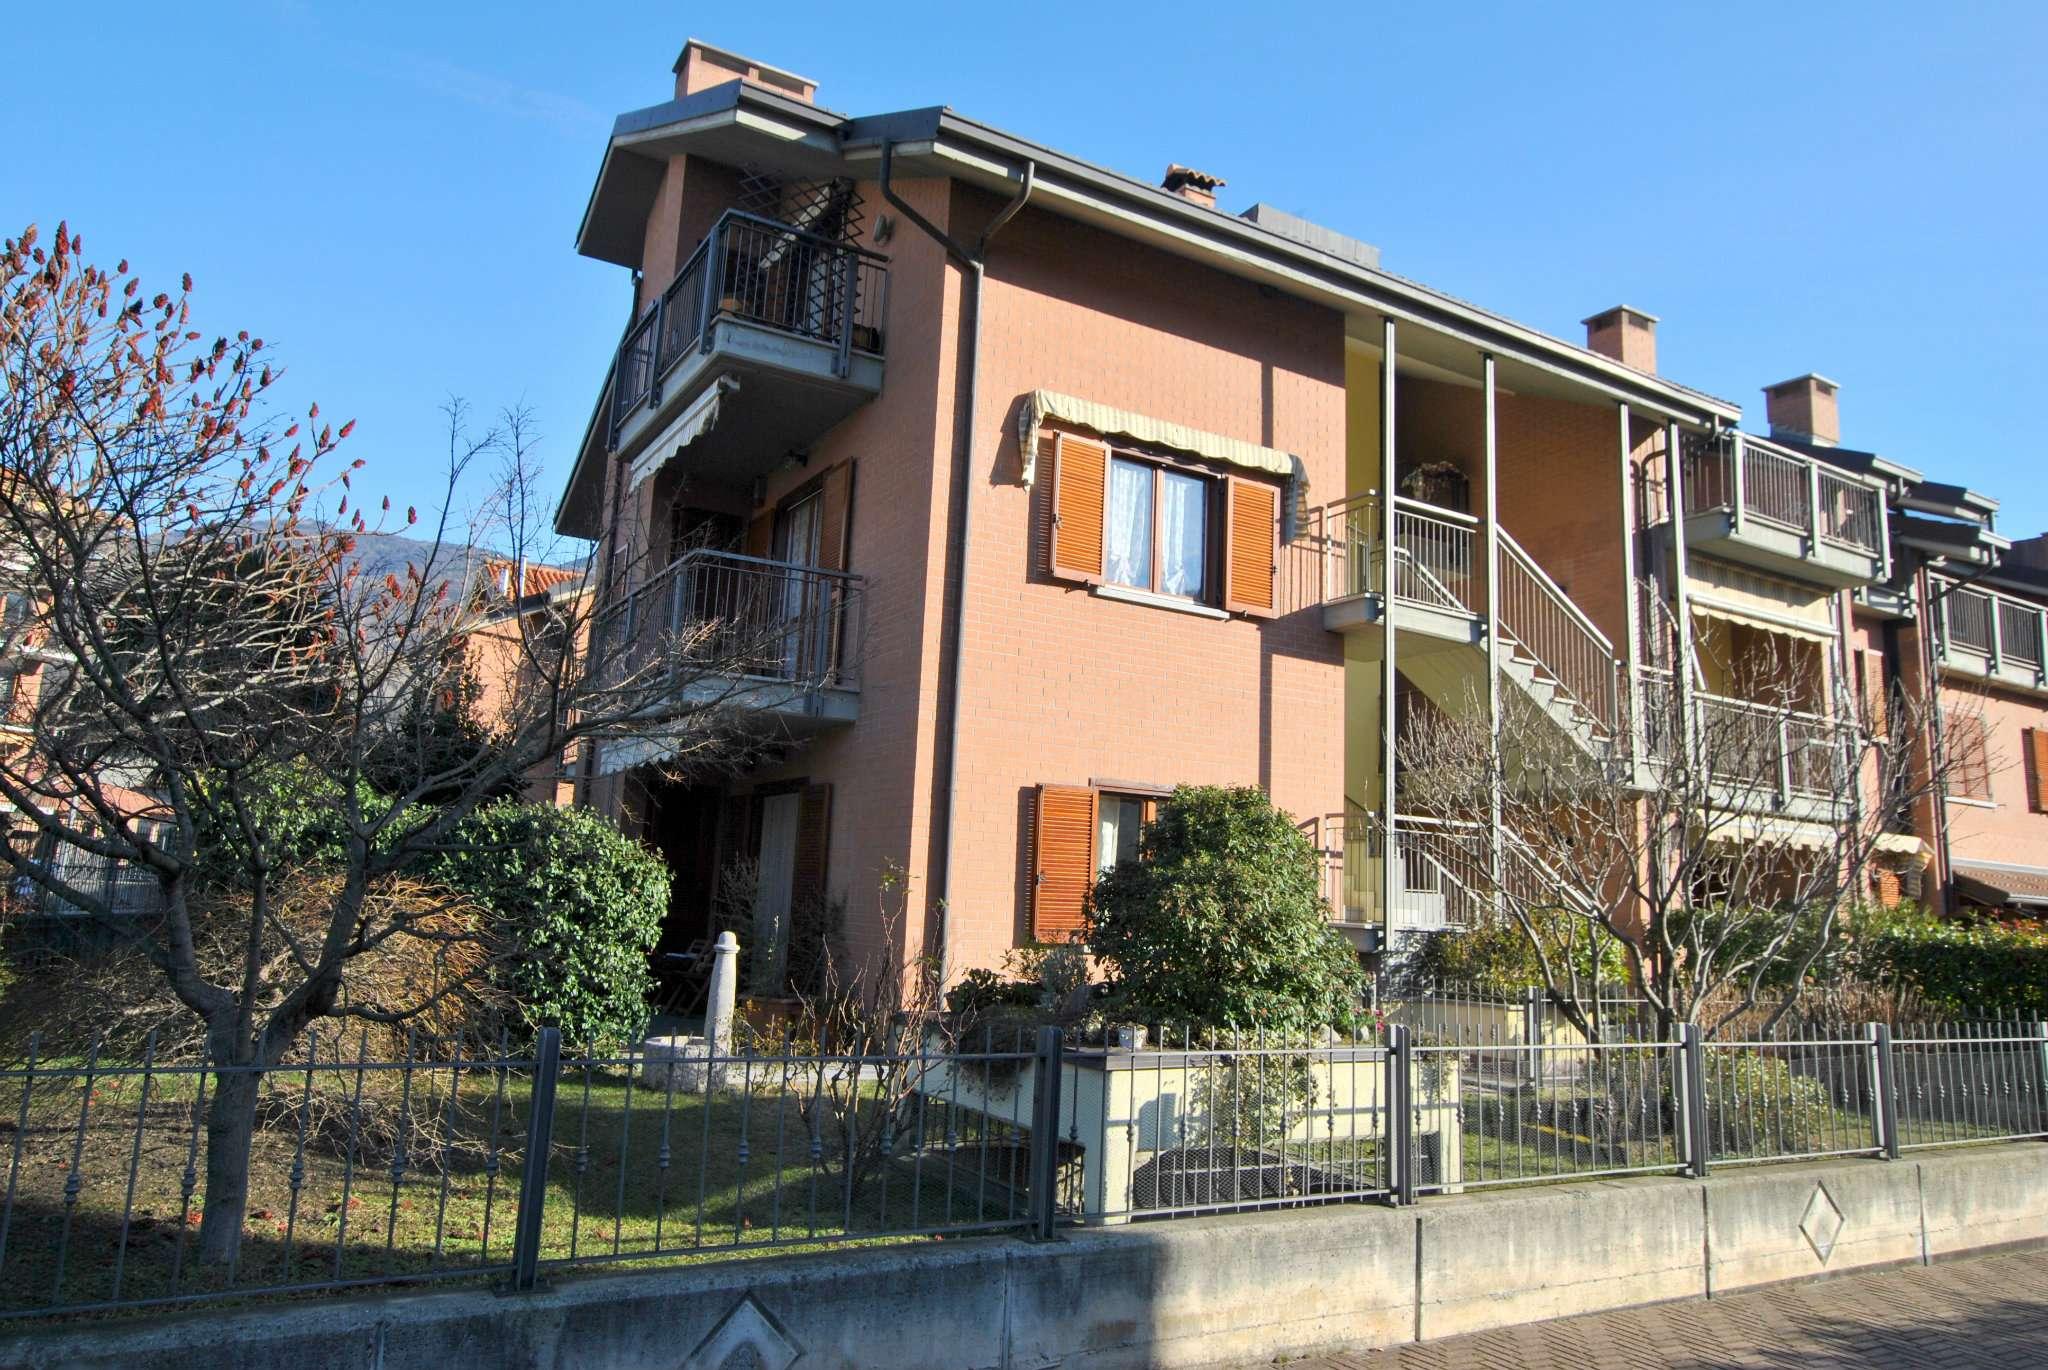 Appartamento in vendita a Condove, 3 locali, prezzo € 109.000 | PortaleAgenzieImmobiliari.it